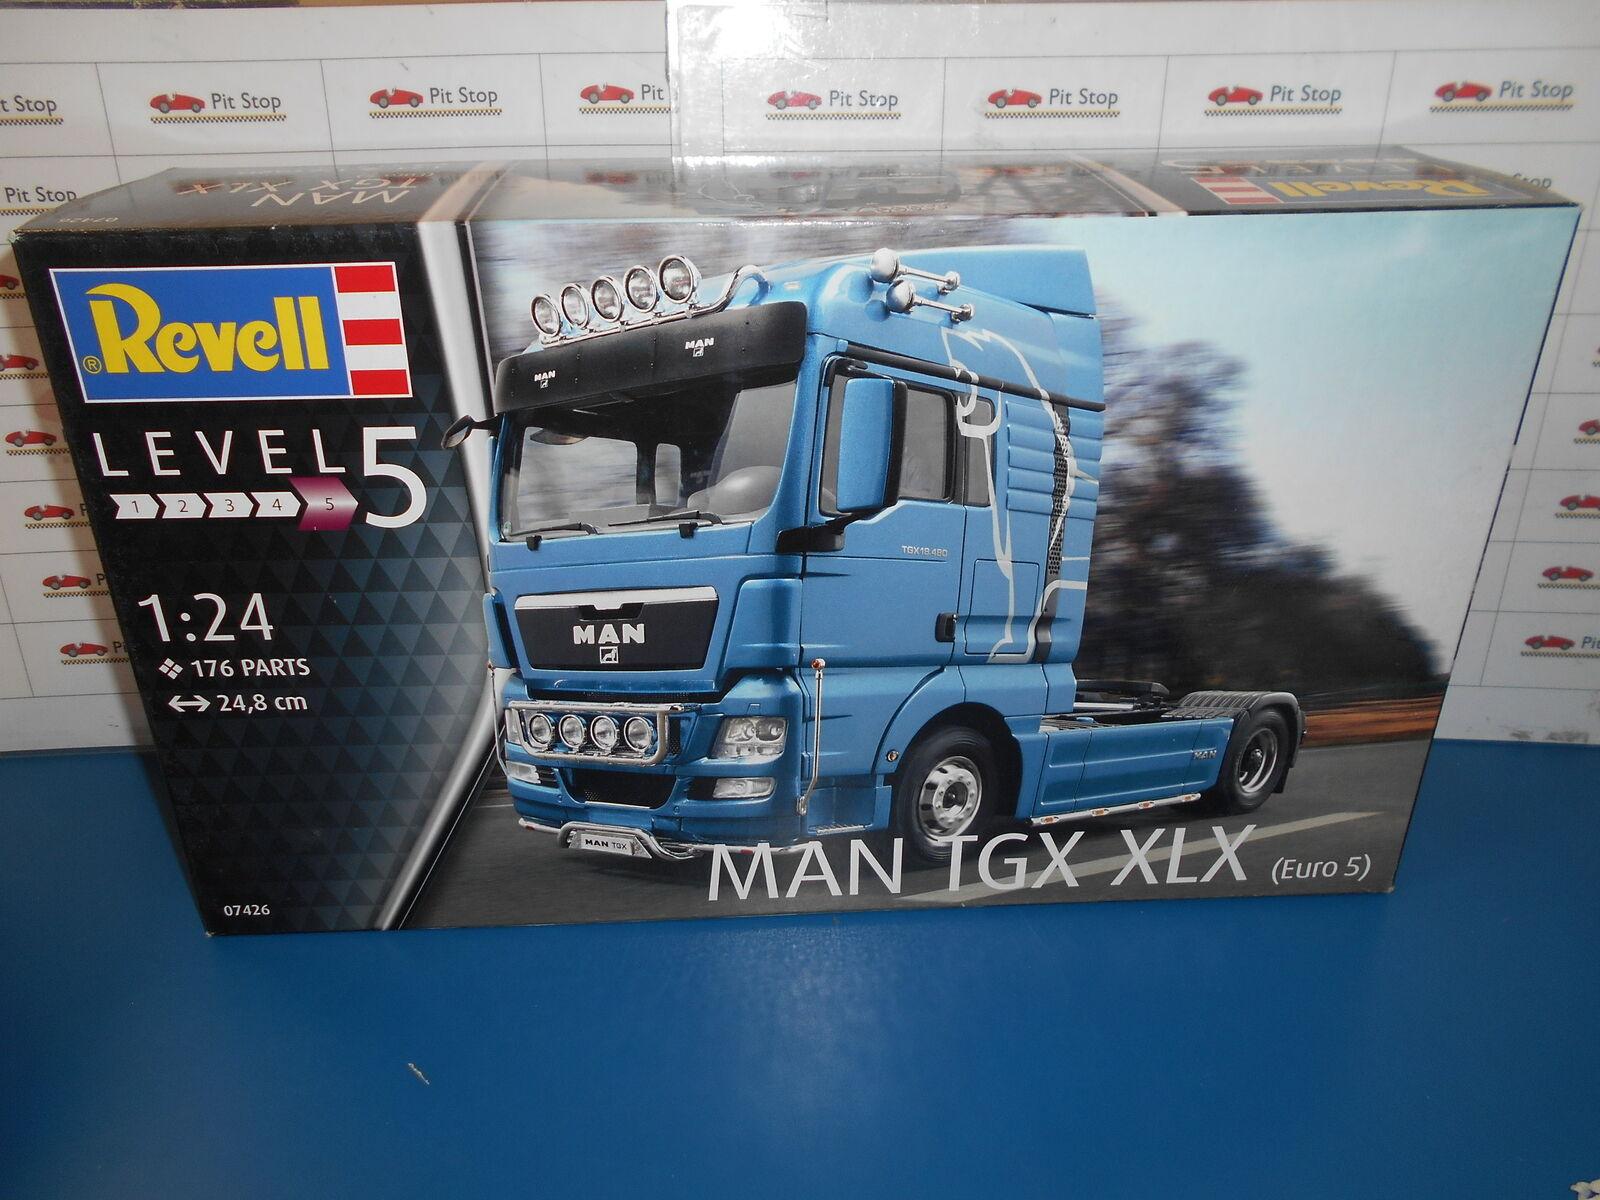 negozio outlet REV07426 REV07426 REV07426 by REVELL uomo GTX XLX - KIT DI MONTAGGIO - 1 24  negozio a basso costo